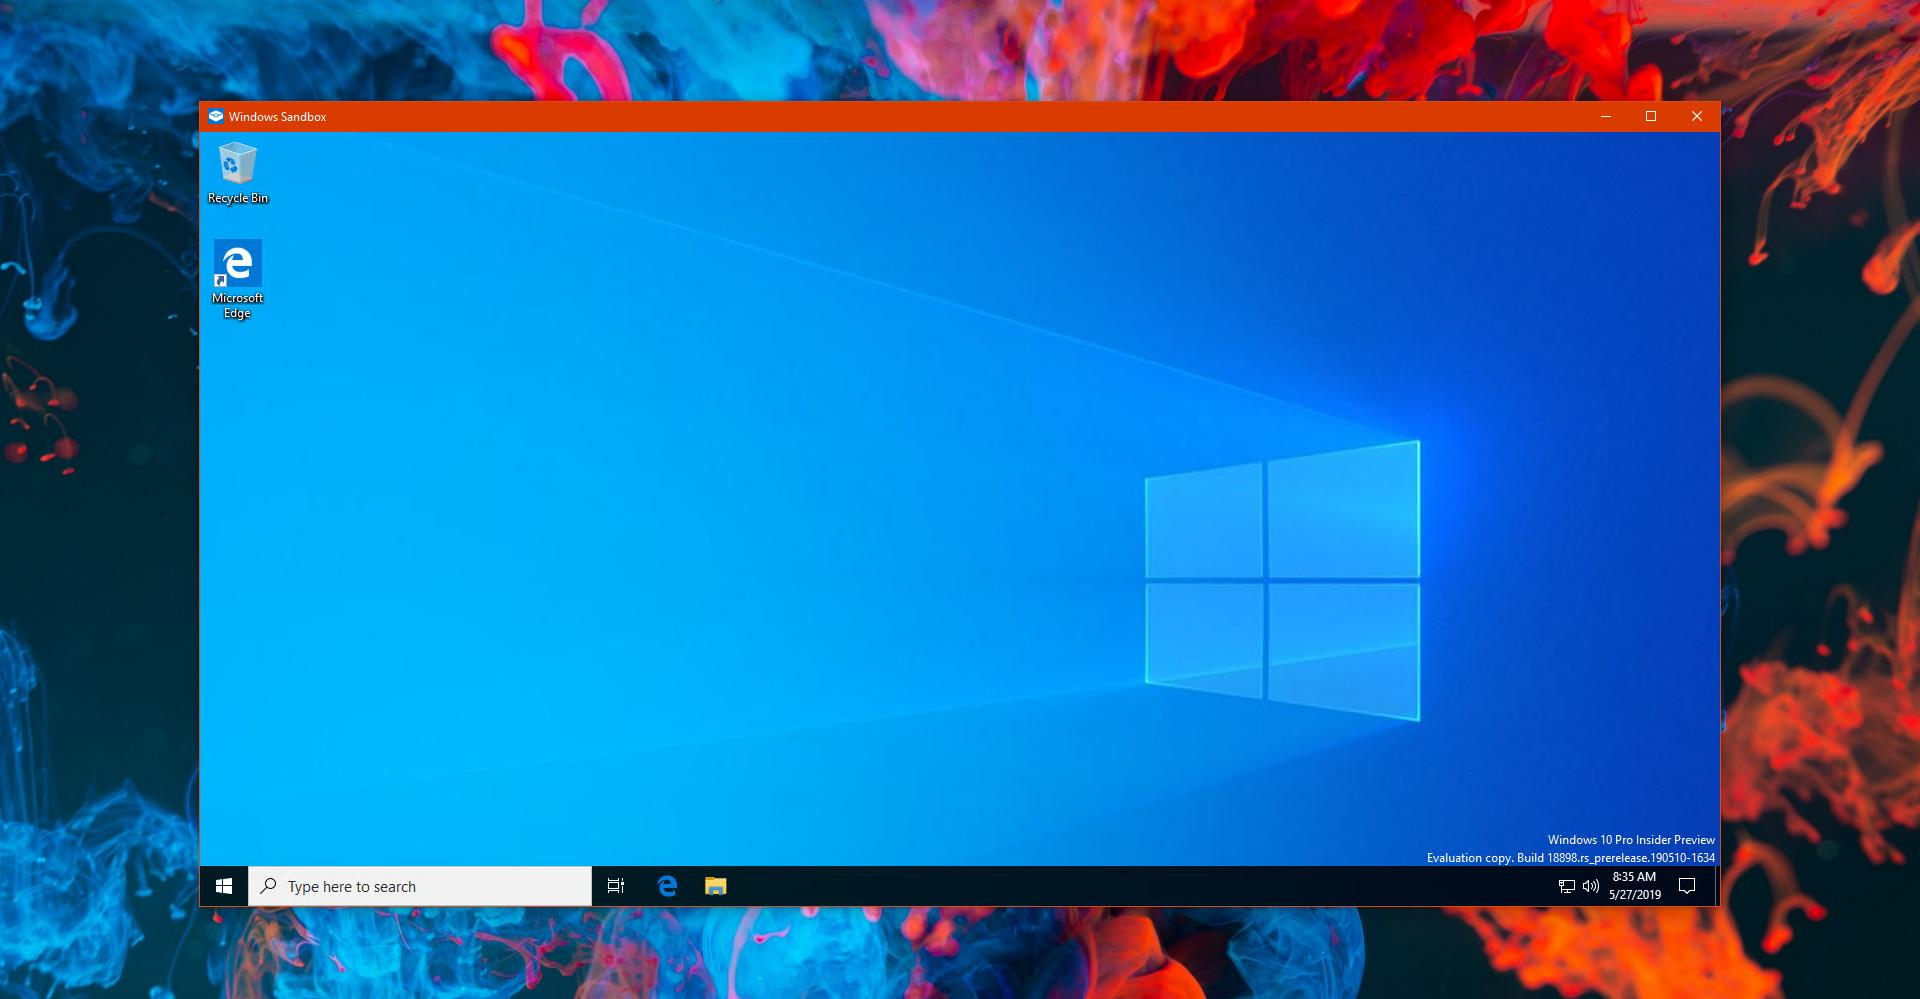 Windows 10 Cumulative Update KB4497936 Breaks Down Windows